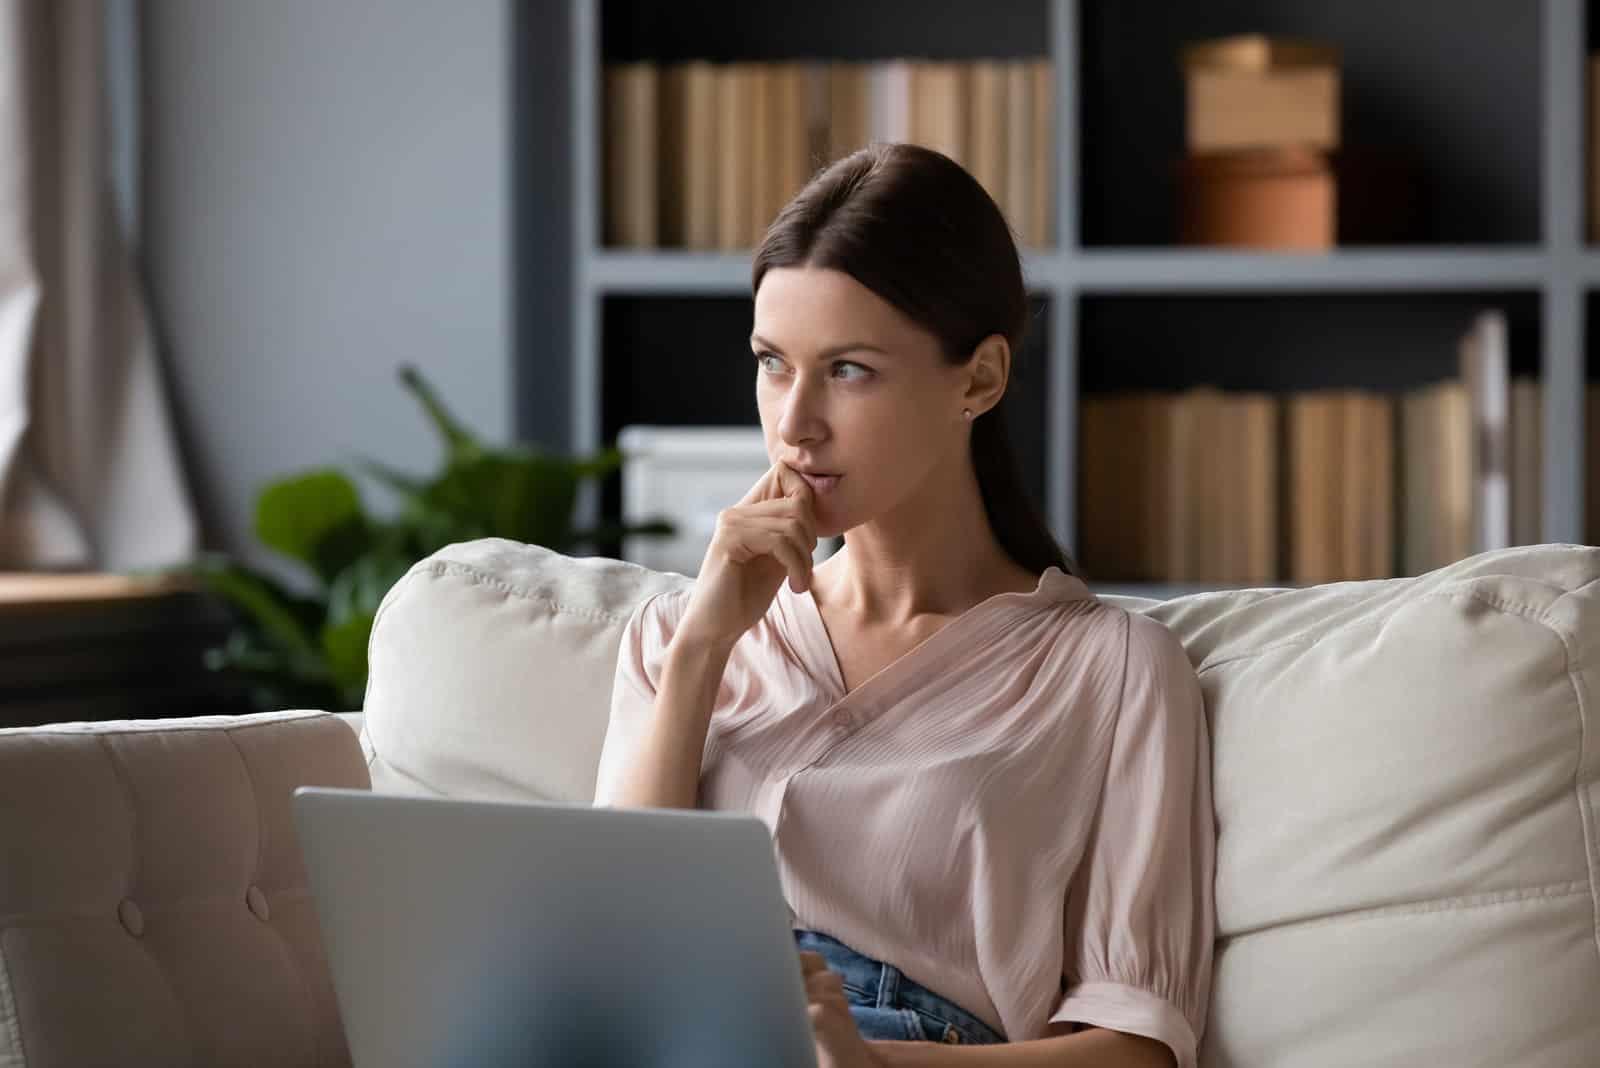 Auf dem Sofa denkt eine Frau nach und benutzt einen Laptop